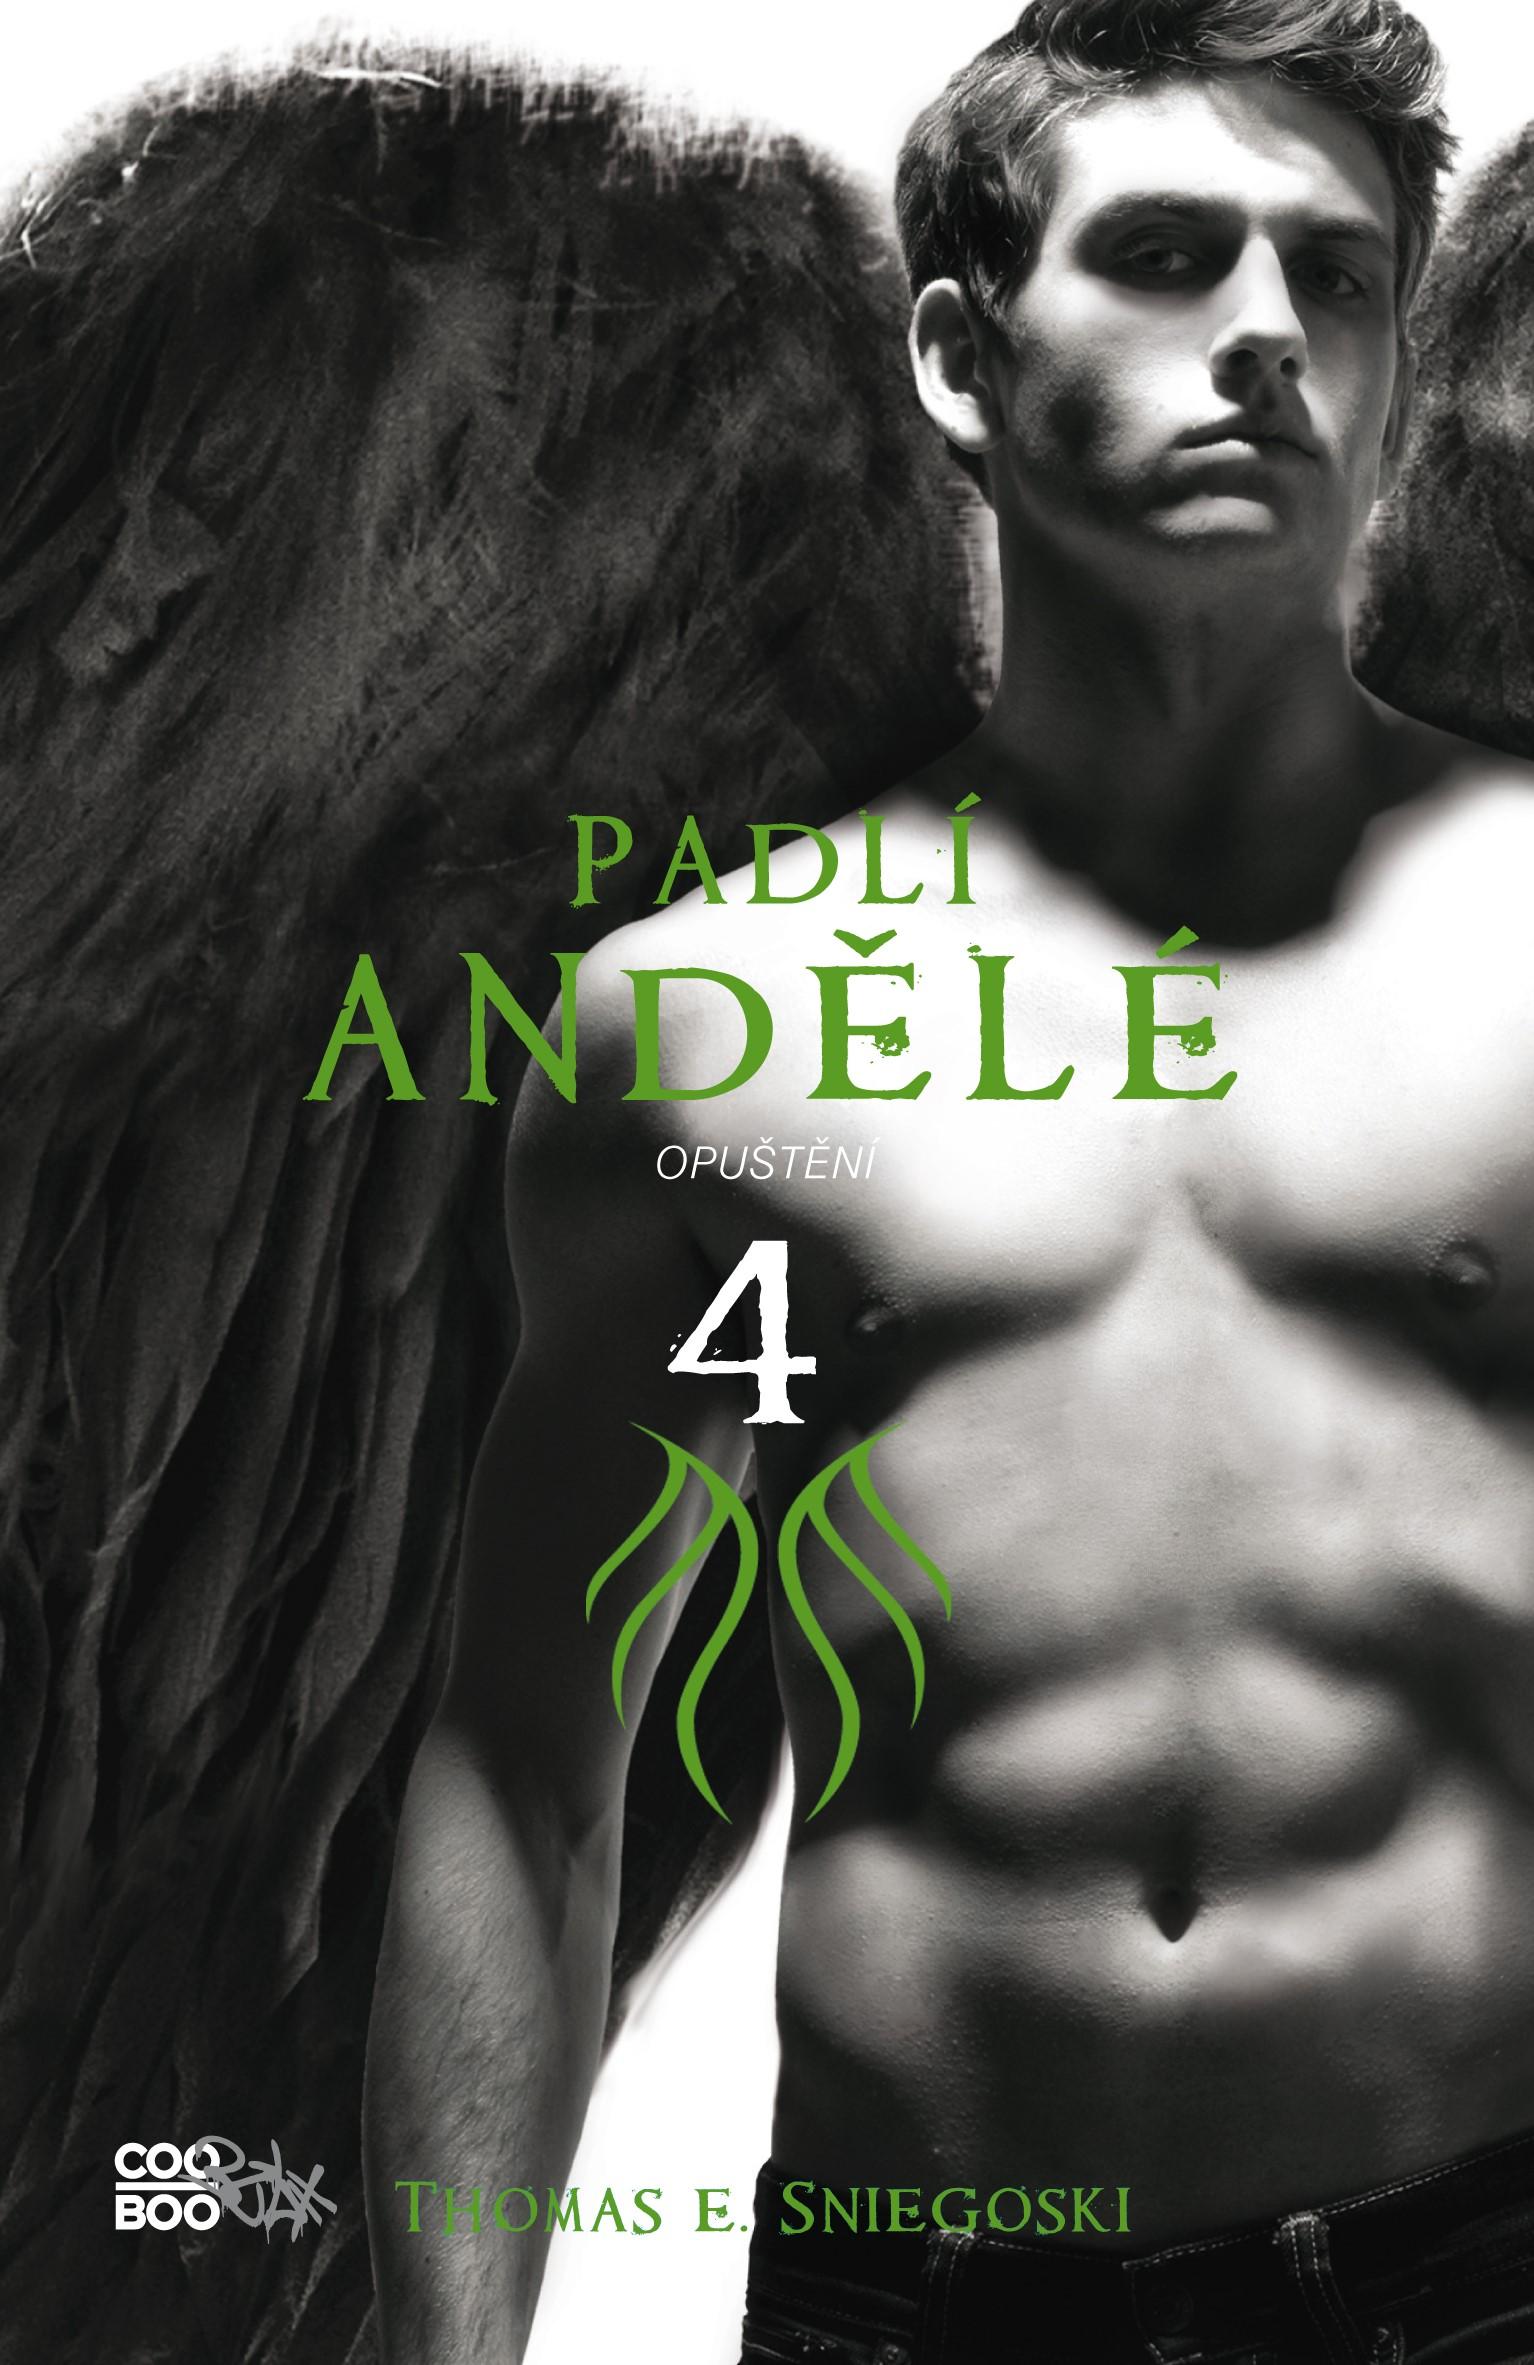 Padlí andělé 4 - Opuštění | Thomas E. Sniegoski